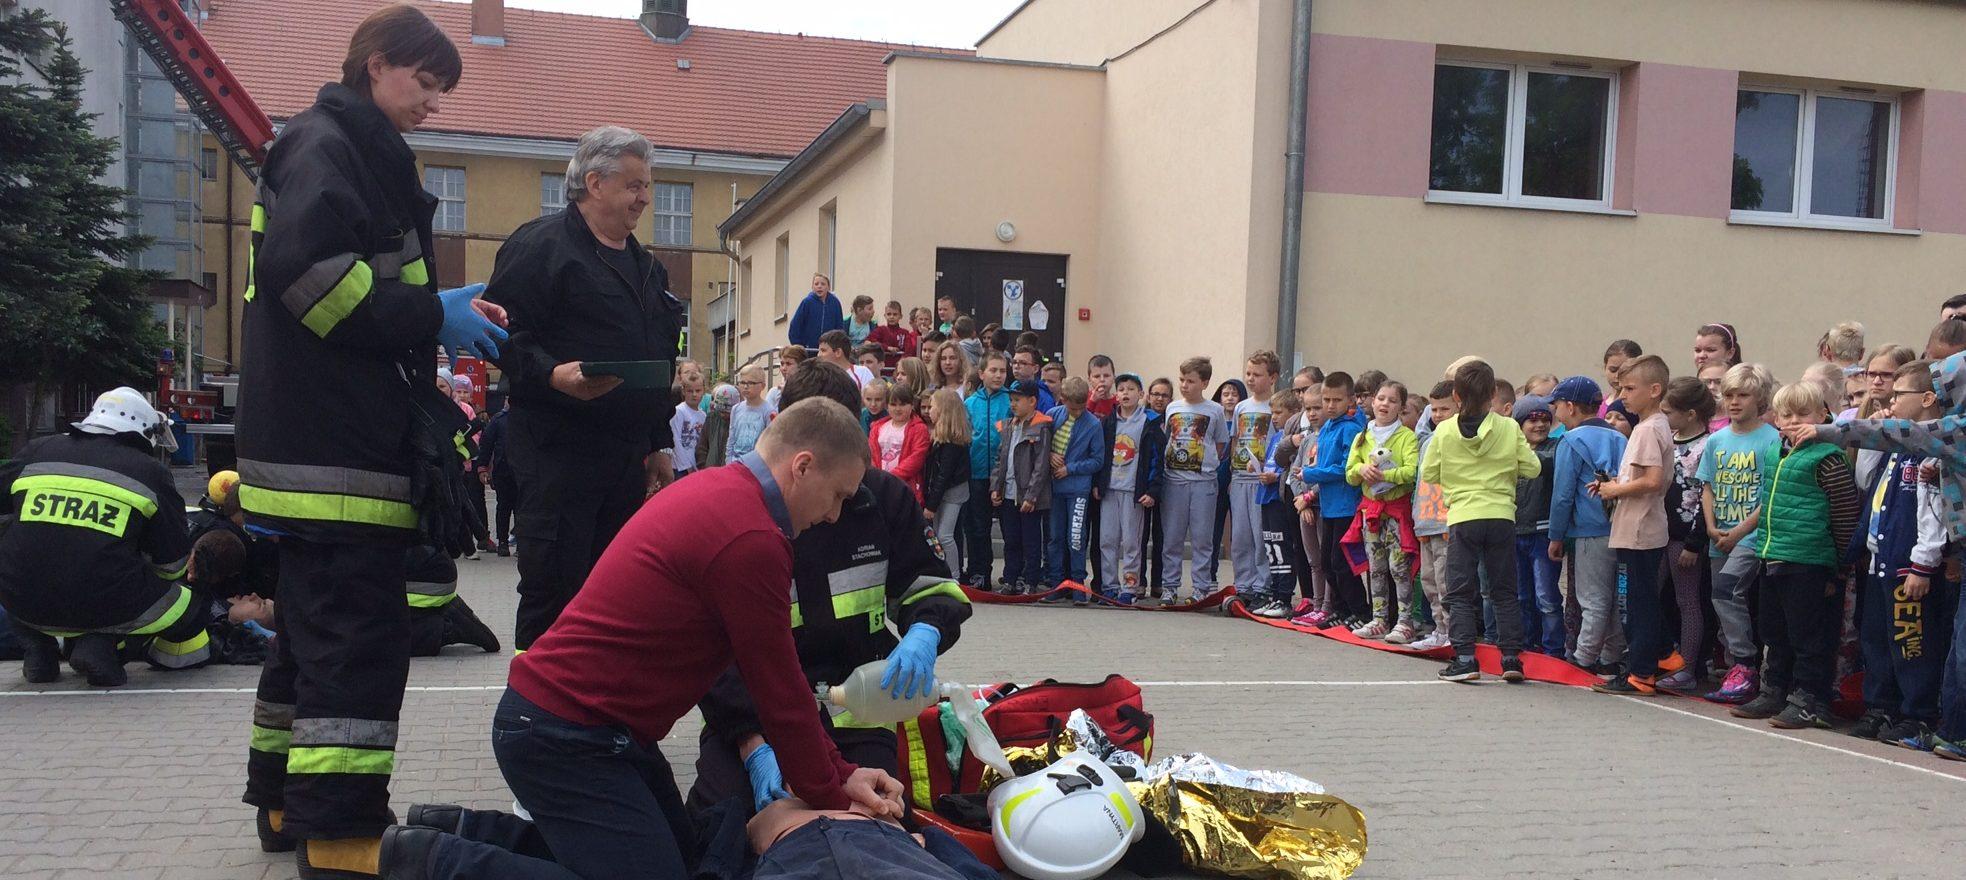 Próbny alarm pożarowy połączony z ewakuacją uczniów, nauczycieli oraz pracowników z budynku szkoły